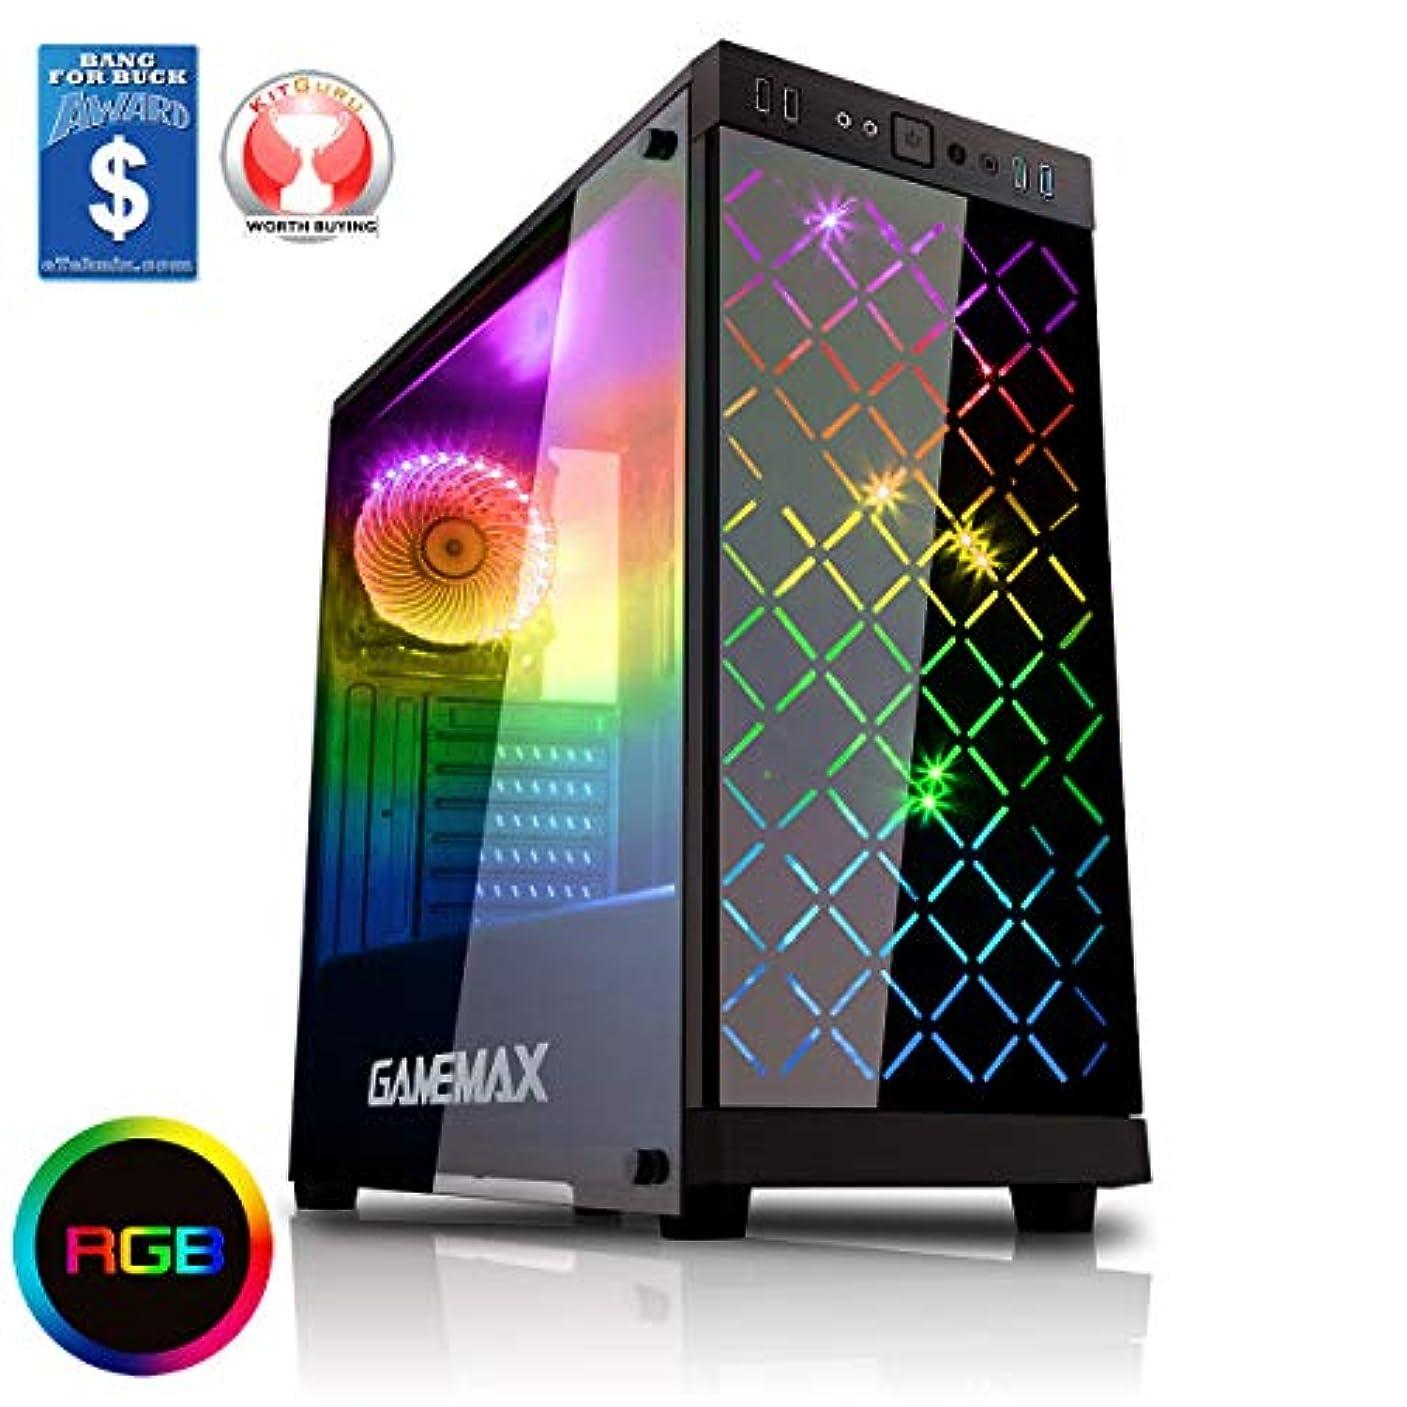 マイクデータム海港ゲームMaxポラリスブラックRGB 4 x 12 cm RGBファン強化ガラスサイドフロントパネル